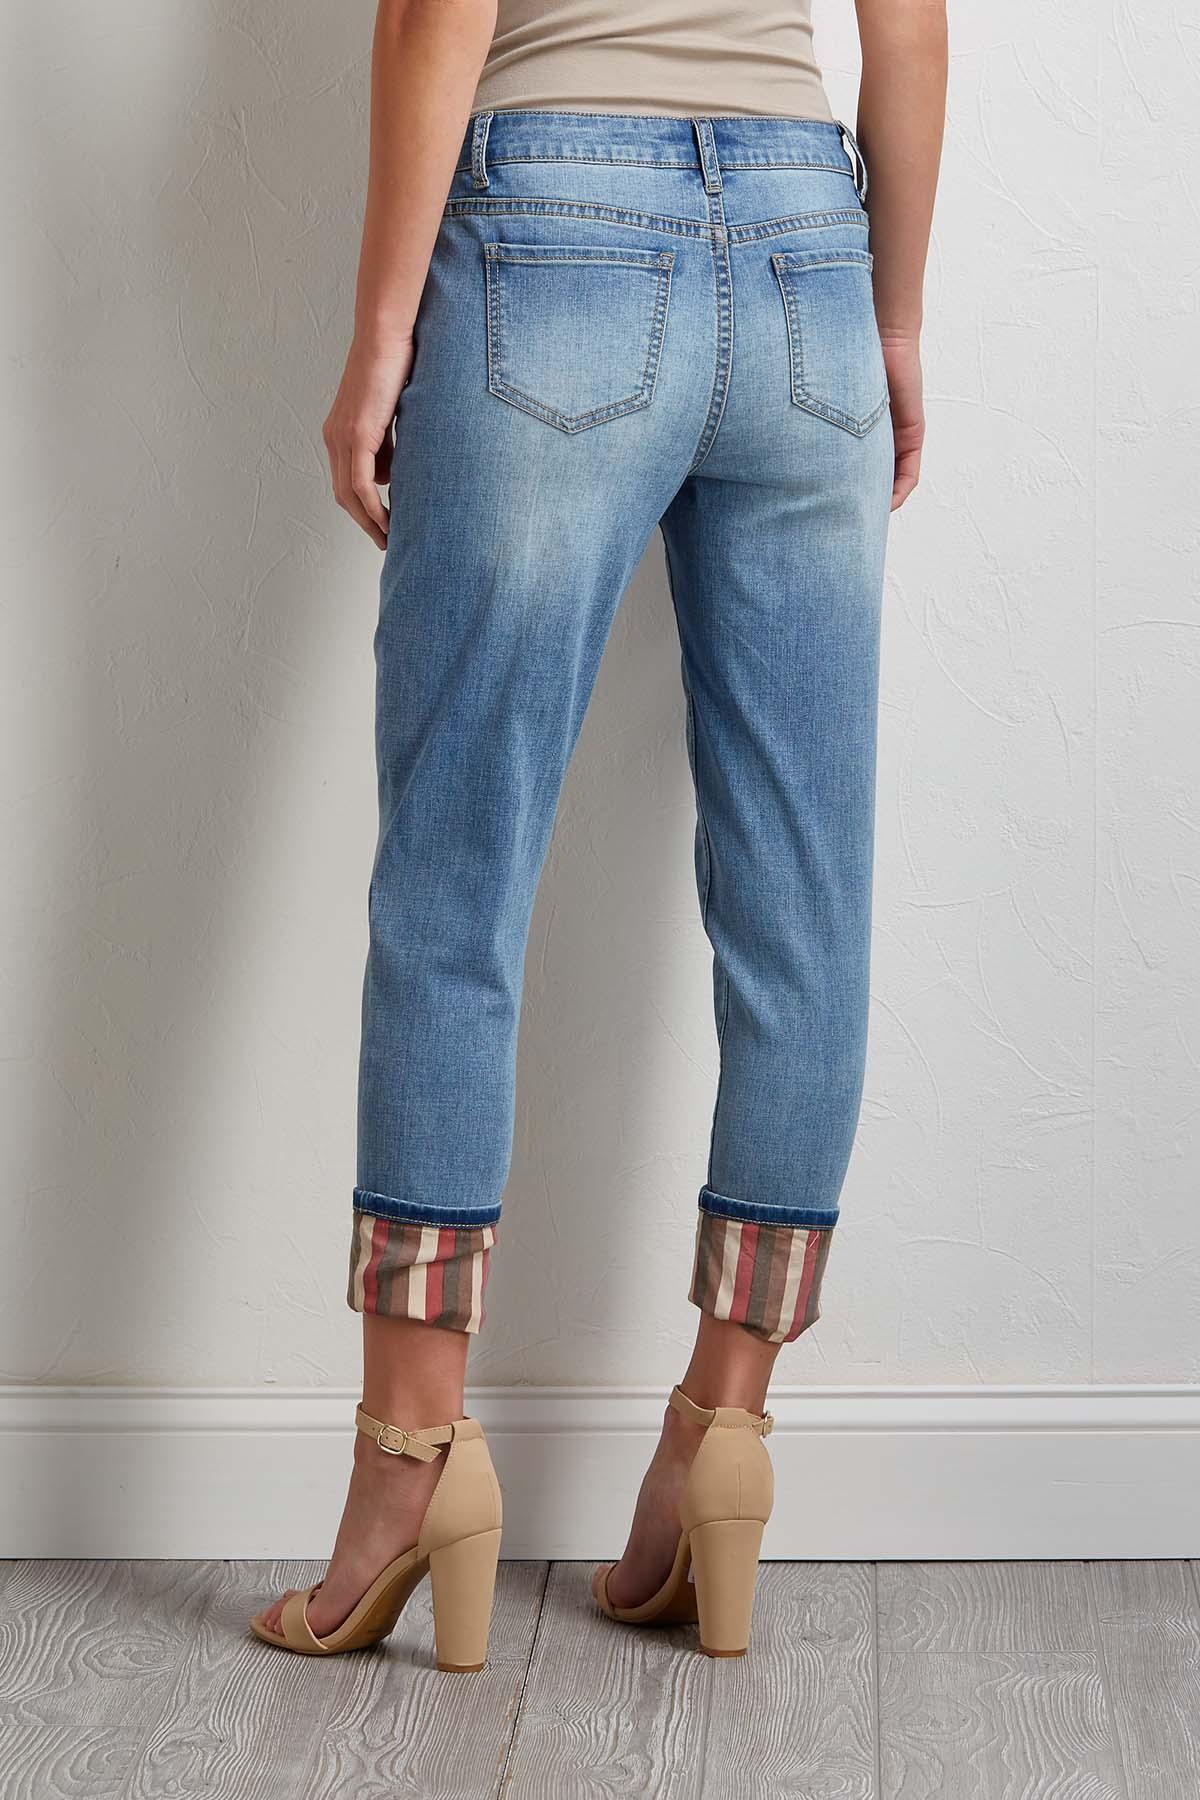 Distressed Stripe Cuffed Jeans